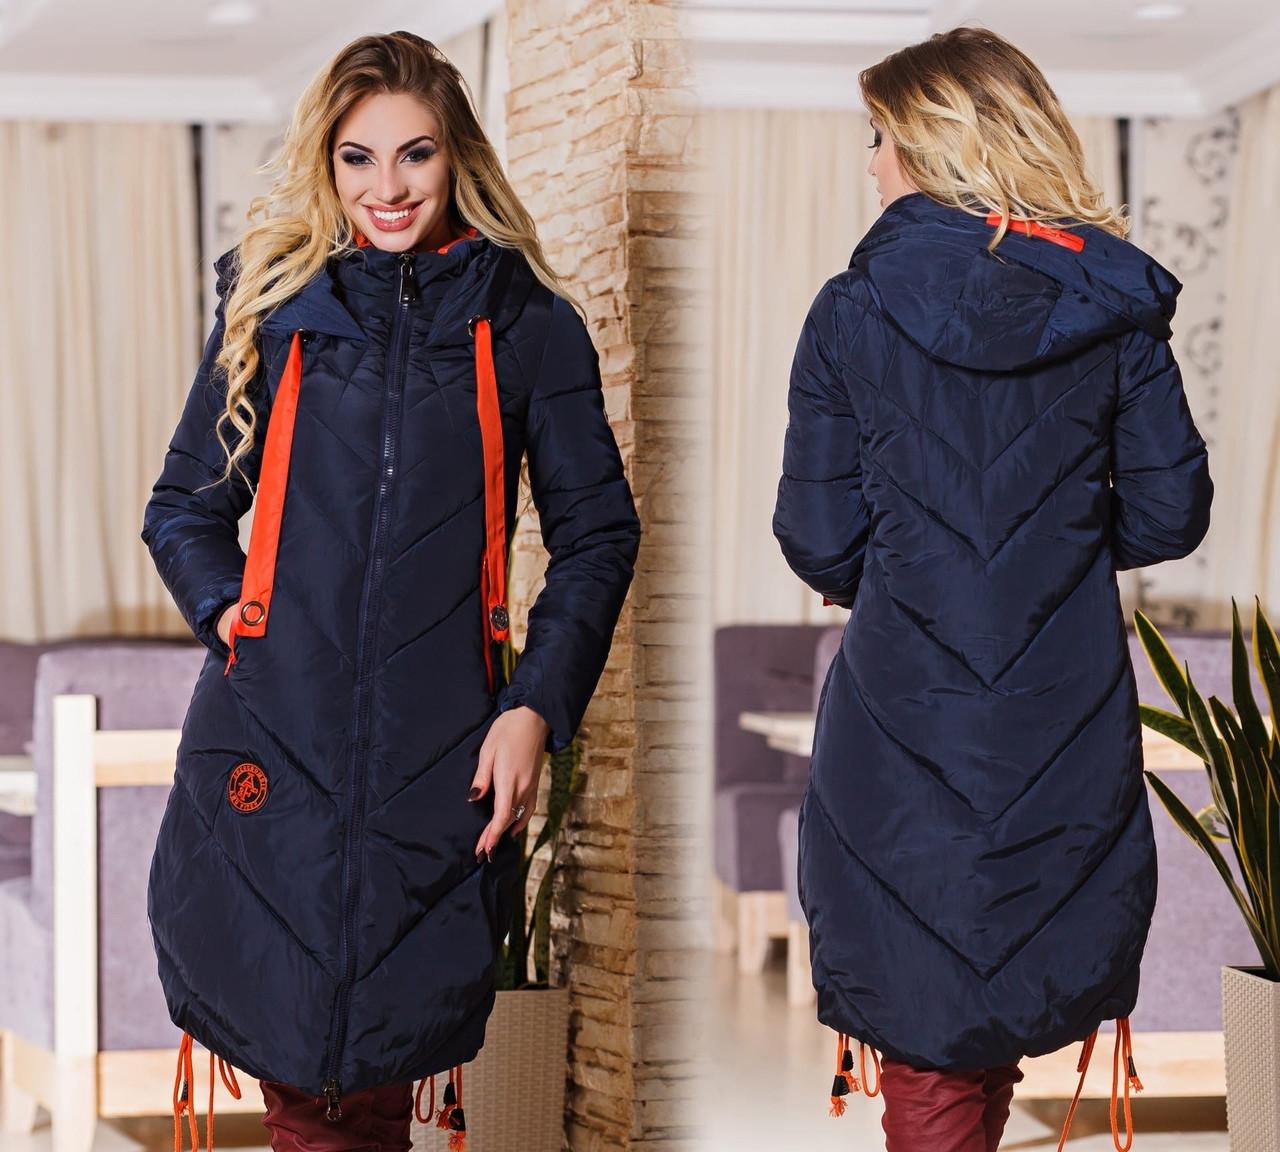 Стильное  женское пальто с капюшоном и на молнии,с карманами.один размер.цвет синий